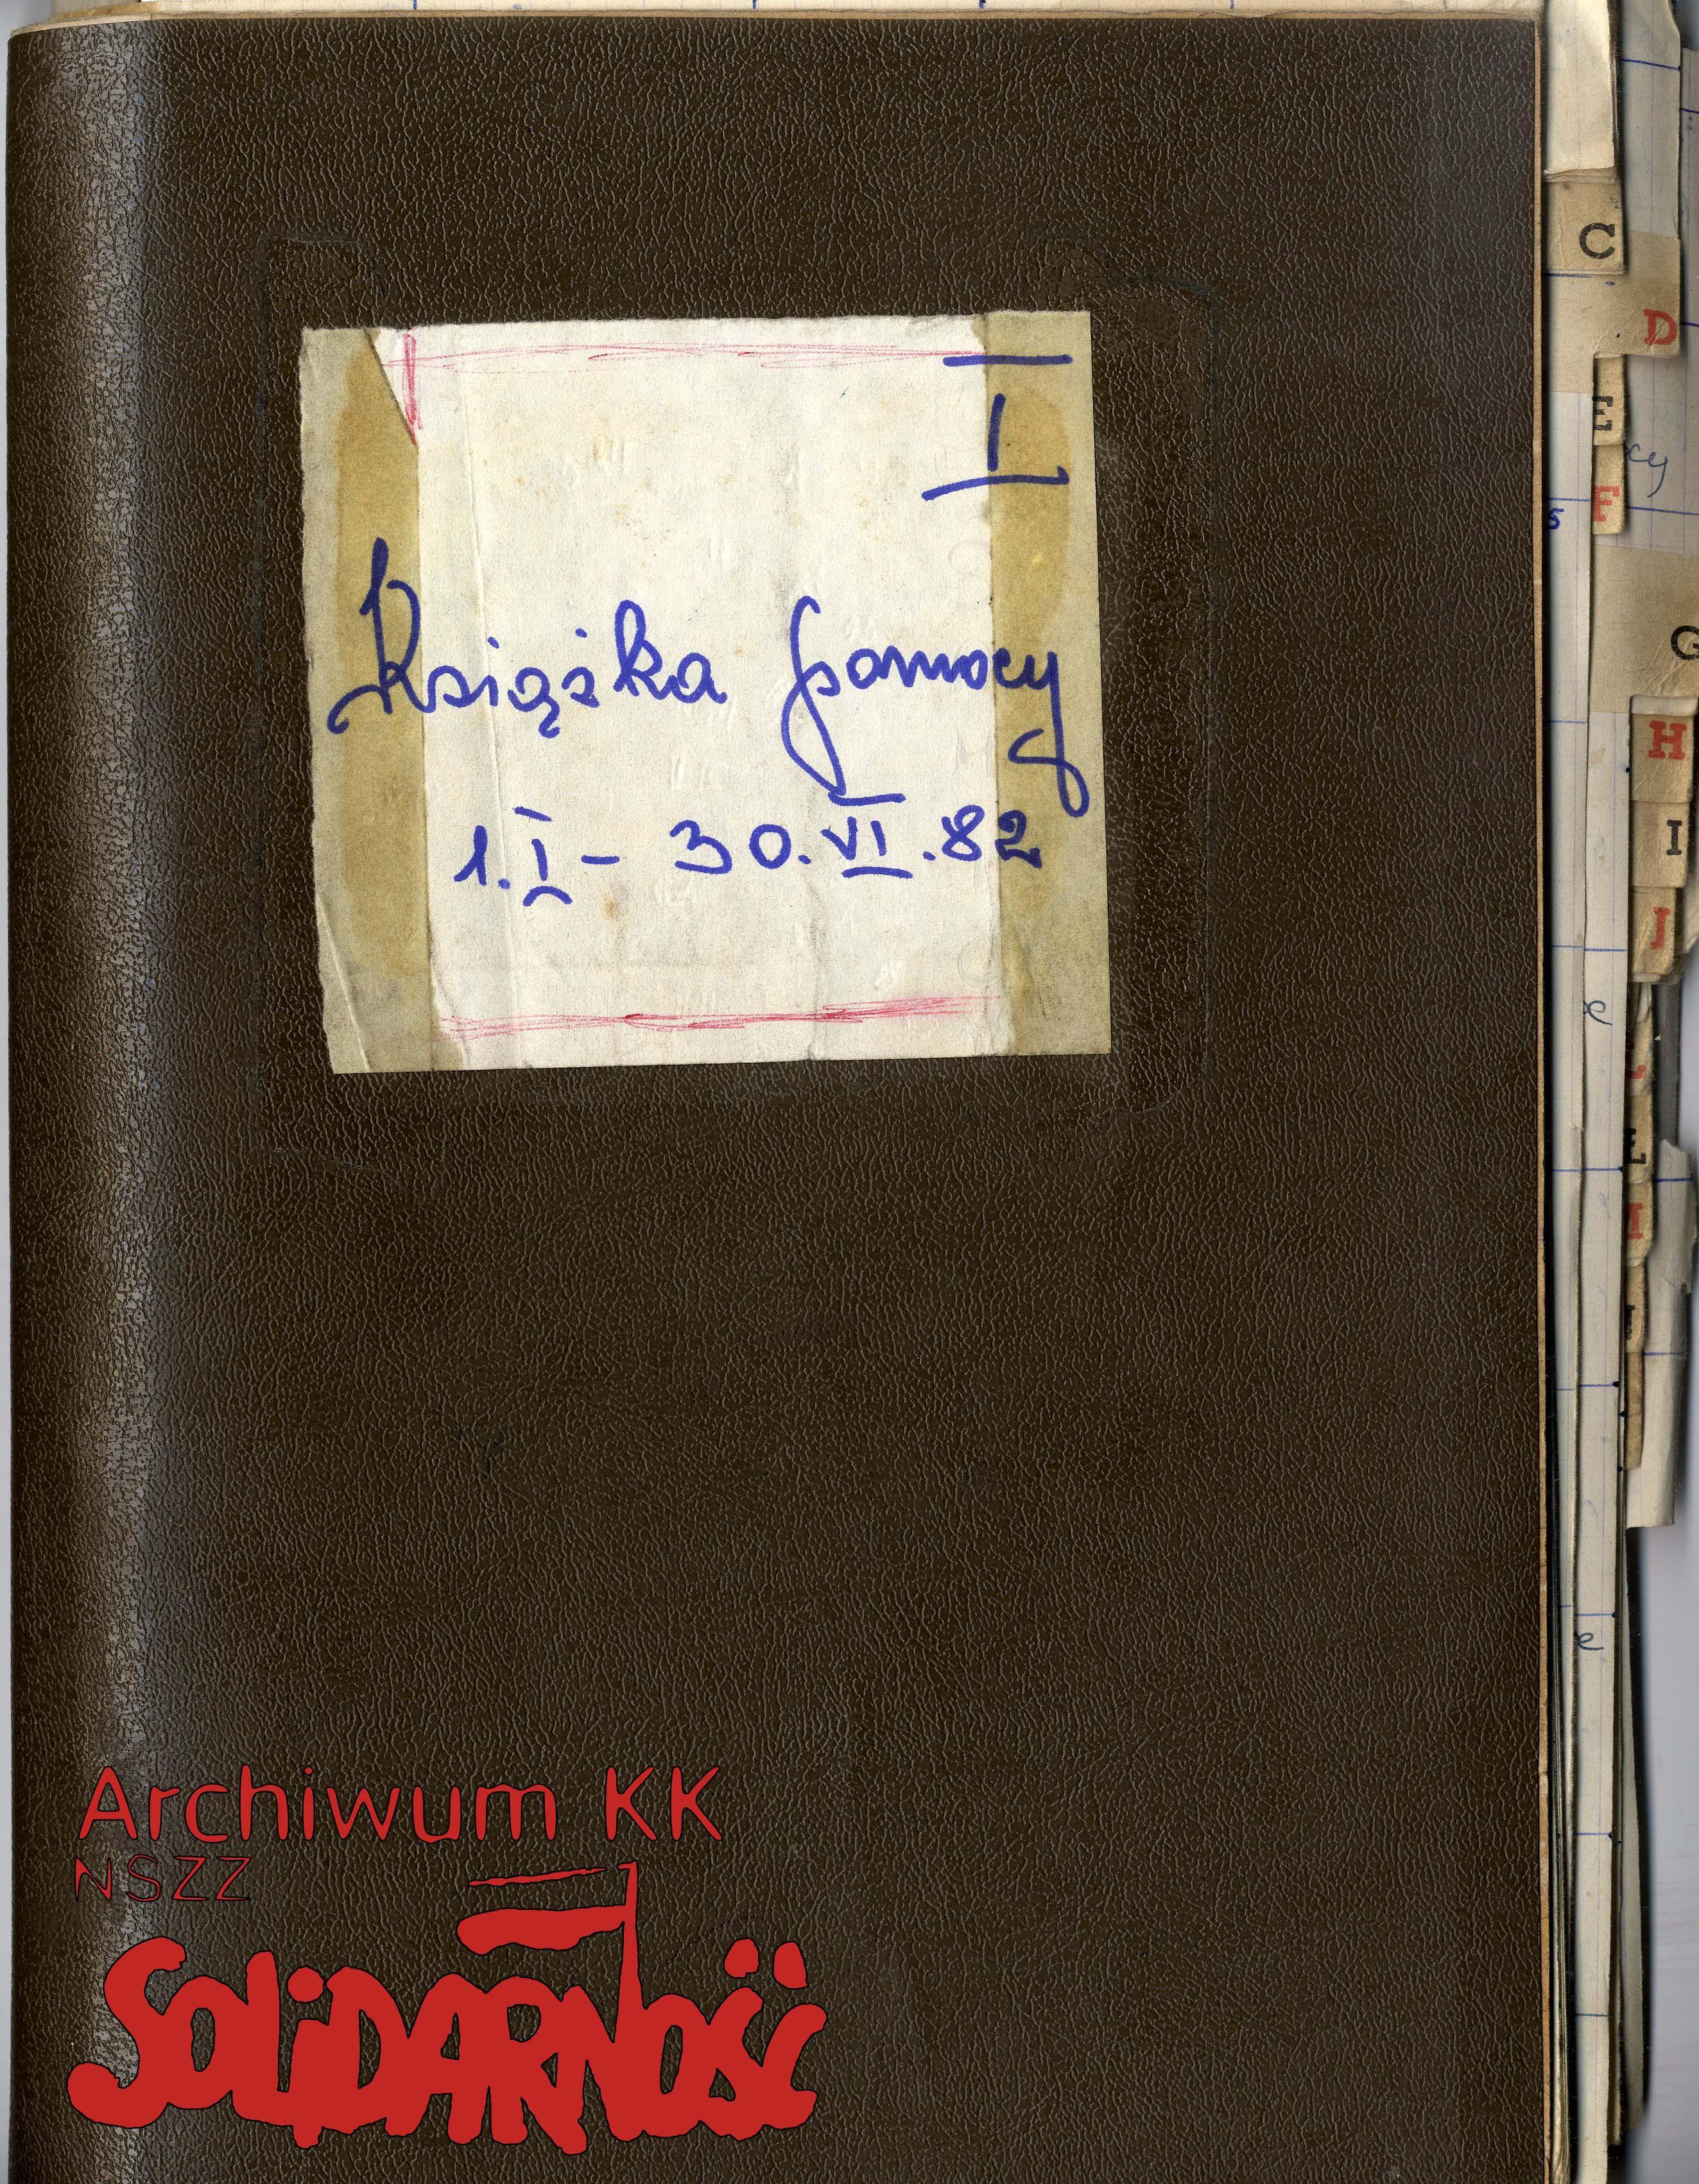 AKKS-347-80-26 - 001